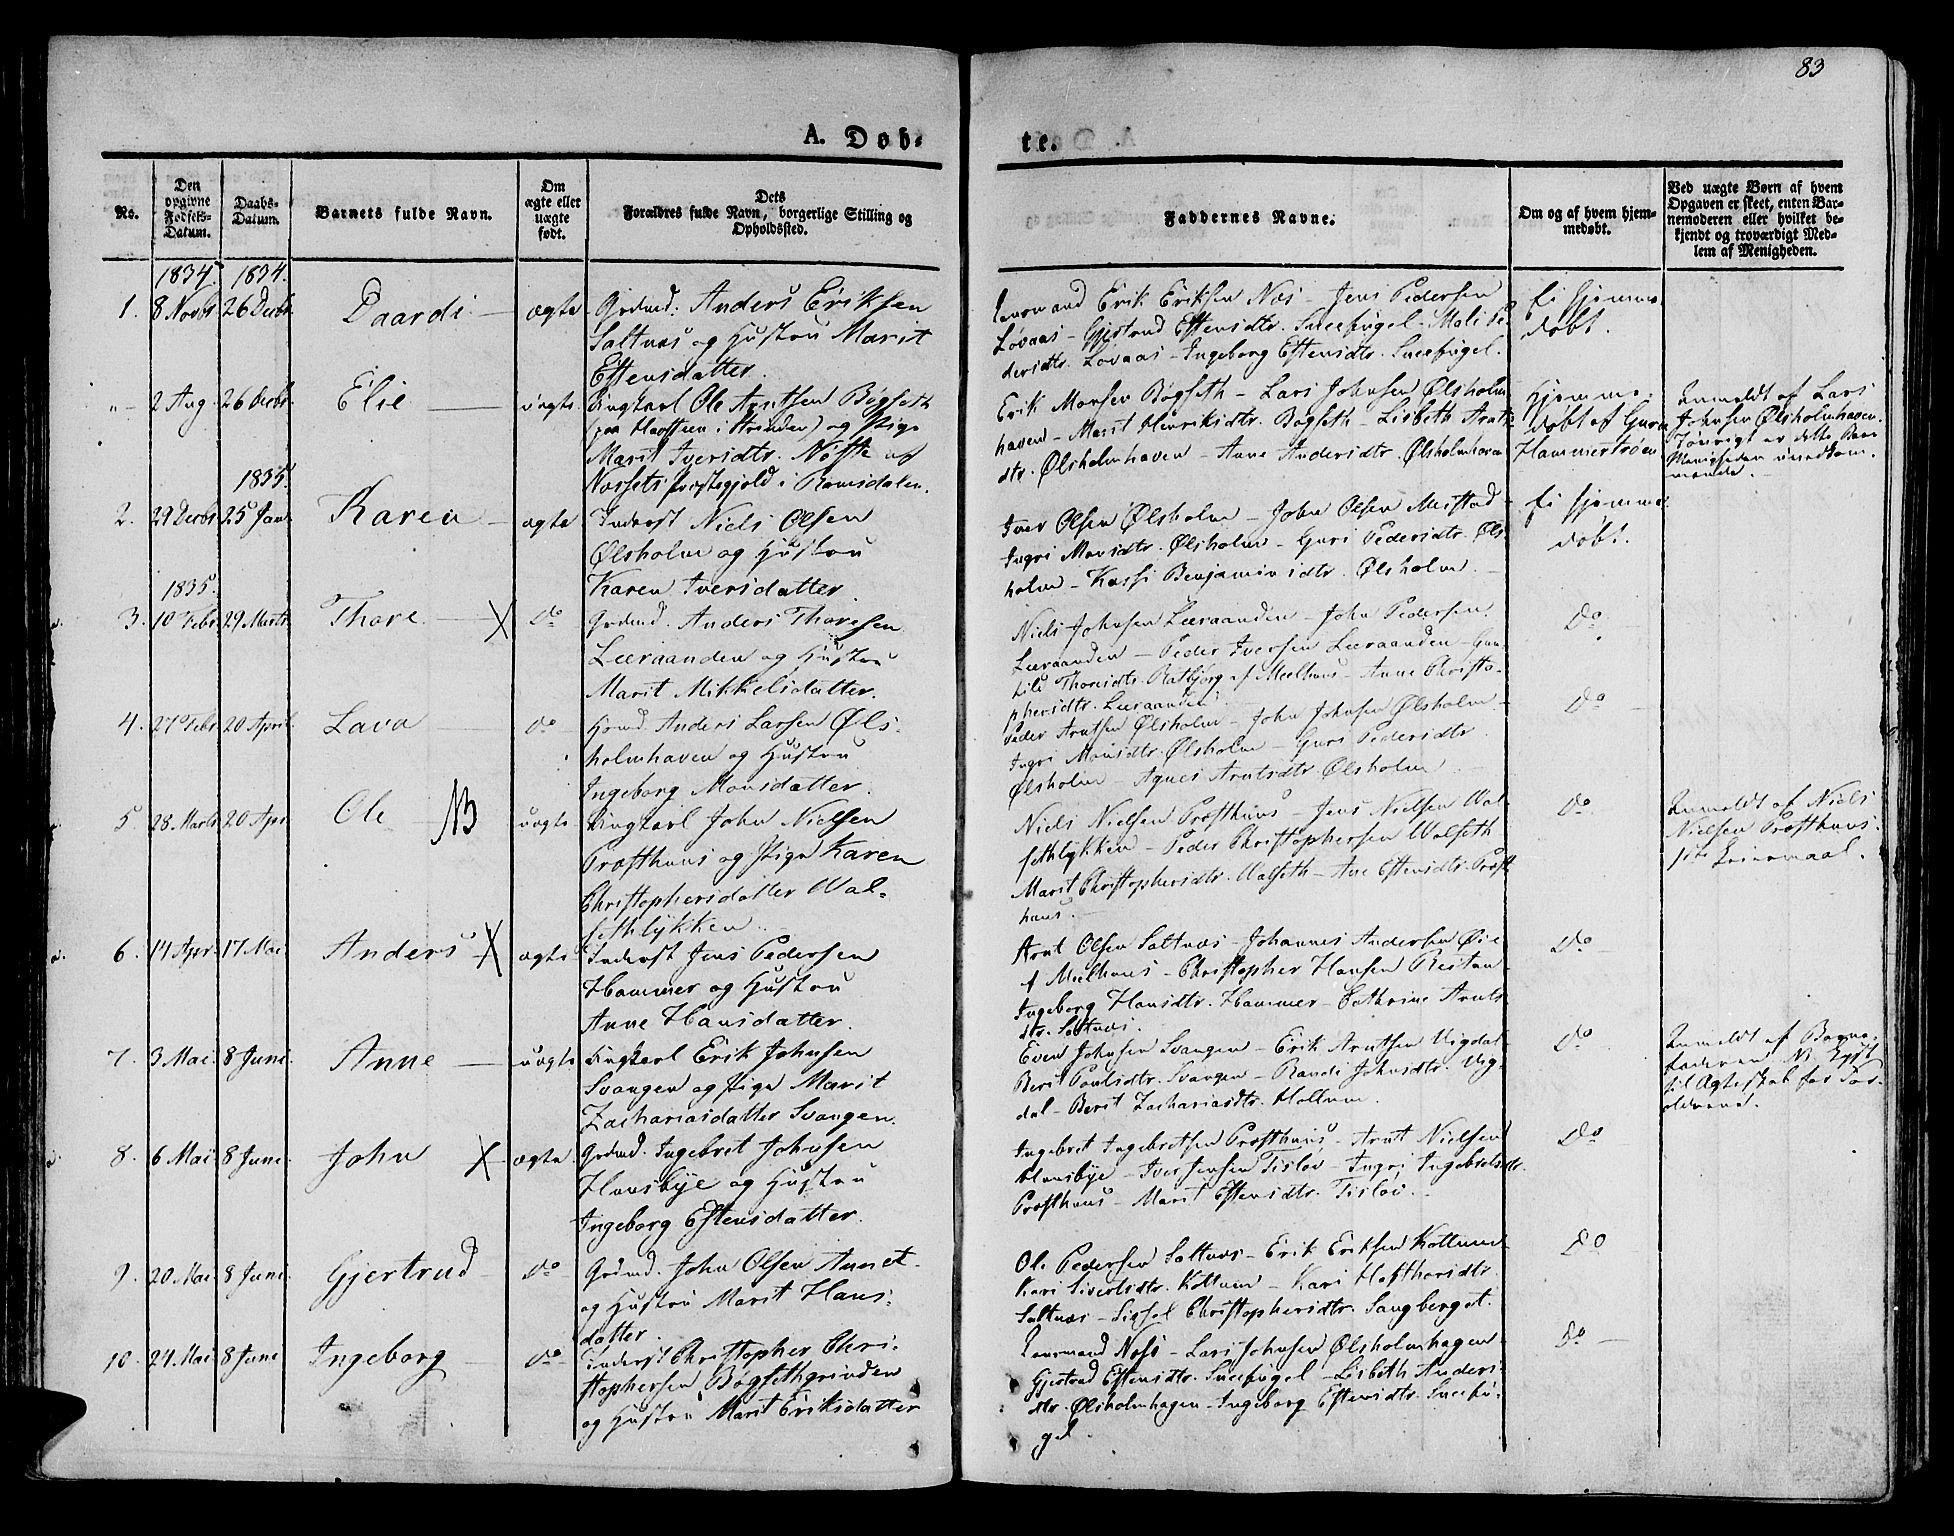 SAT, Ministerialprotokoller, klokkerbøker og fødselsregistre - Sør-Trøndelag, 612/L0375: Ministerialbok nr. 612A07 /2, 1829-1845, s. 83